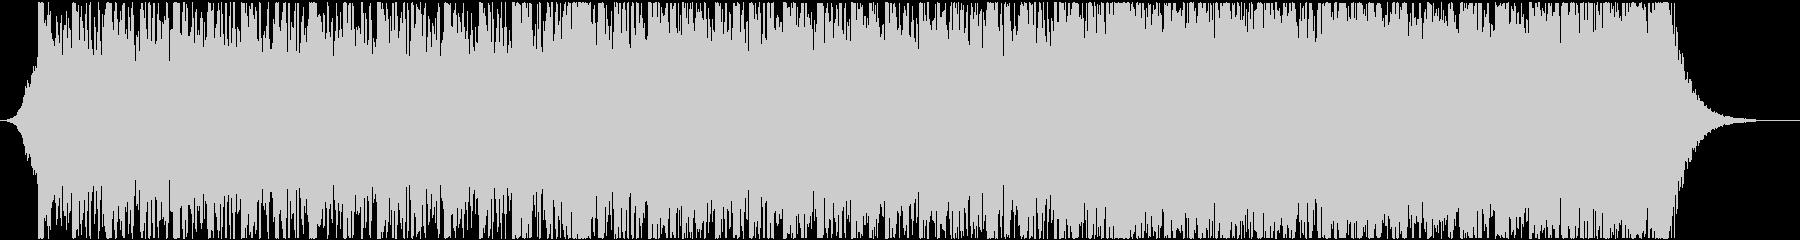 激しくて壮大なシネマティック曲 aの未再生の波形